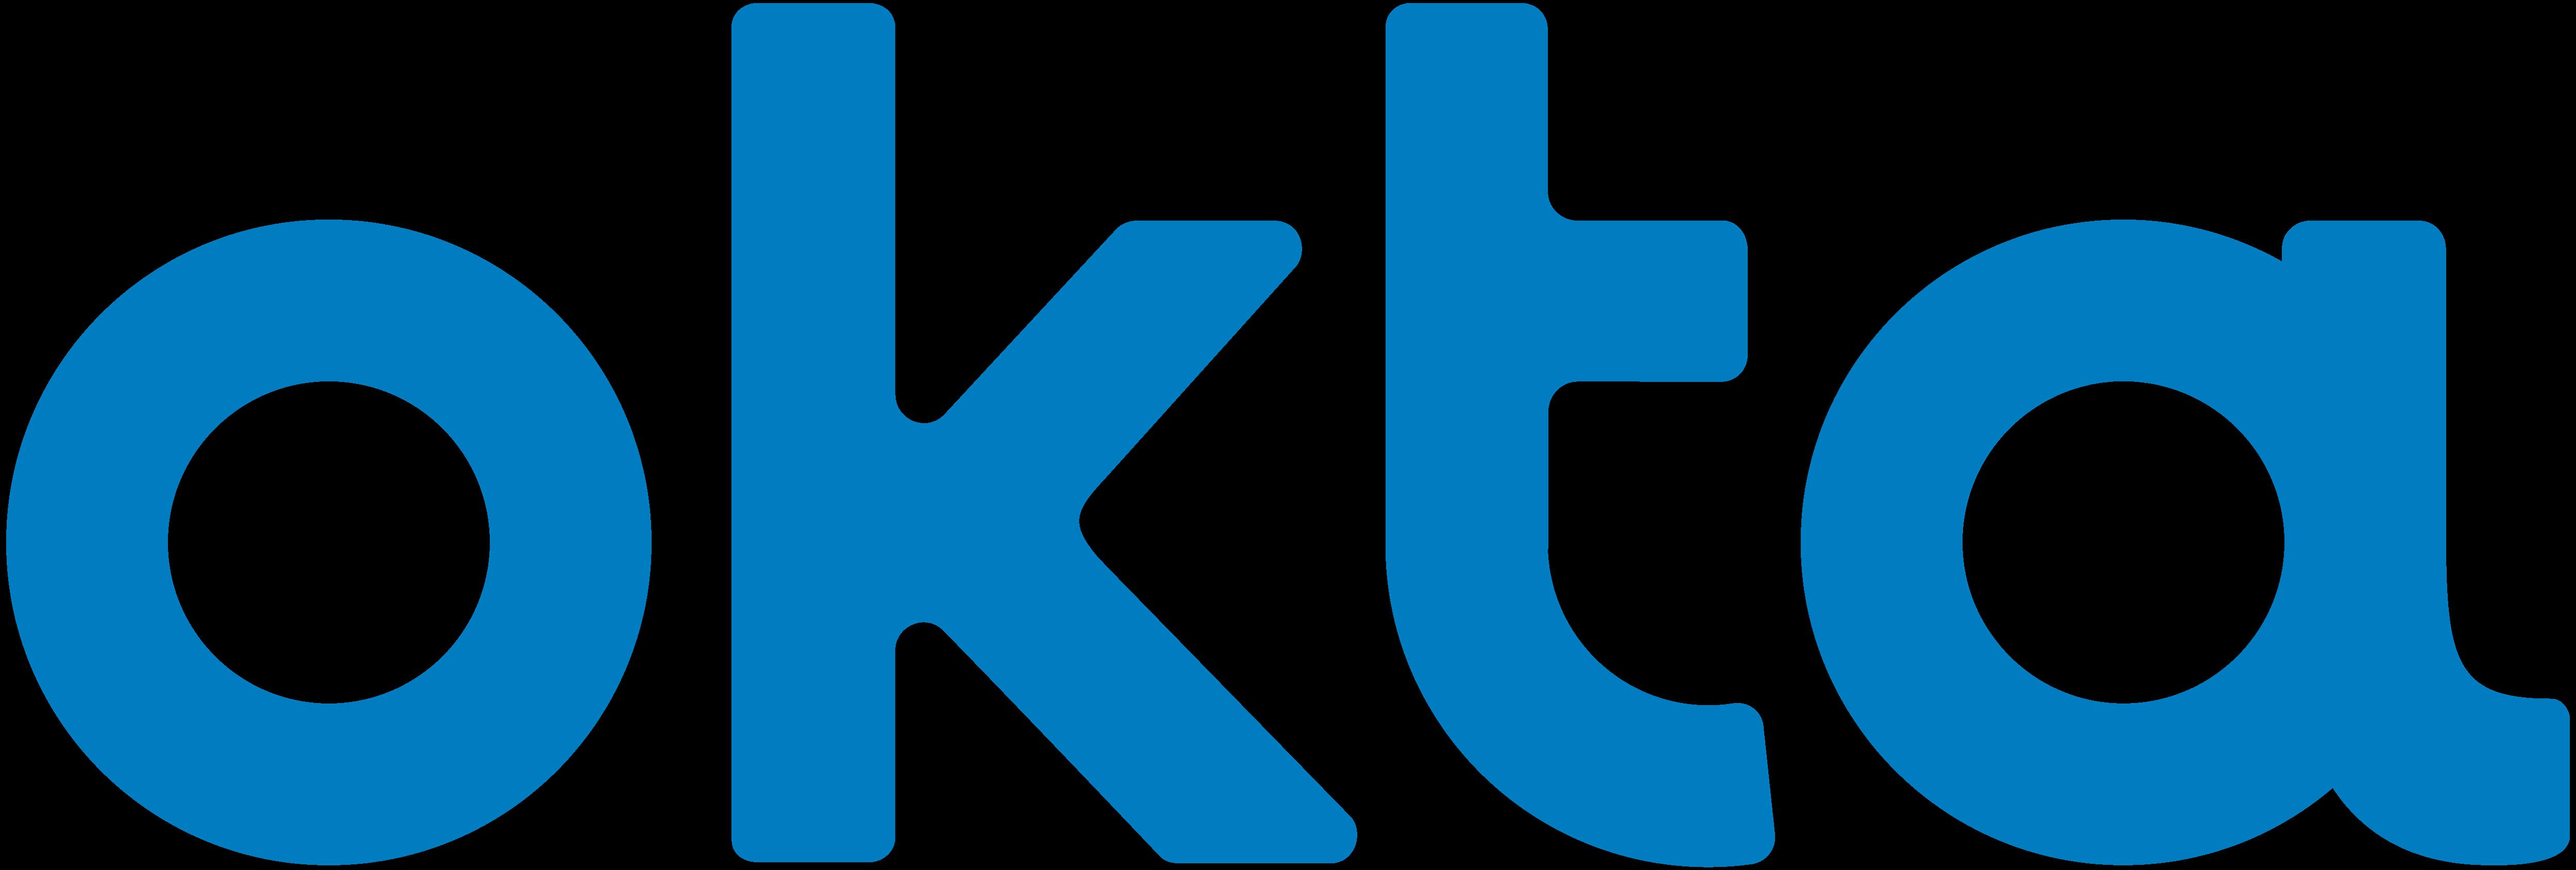 Okta ロゴ